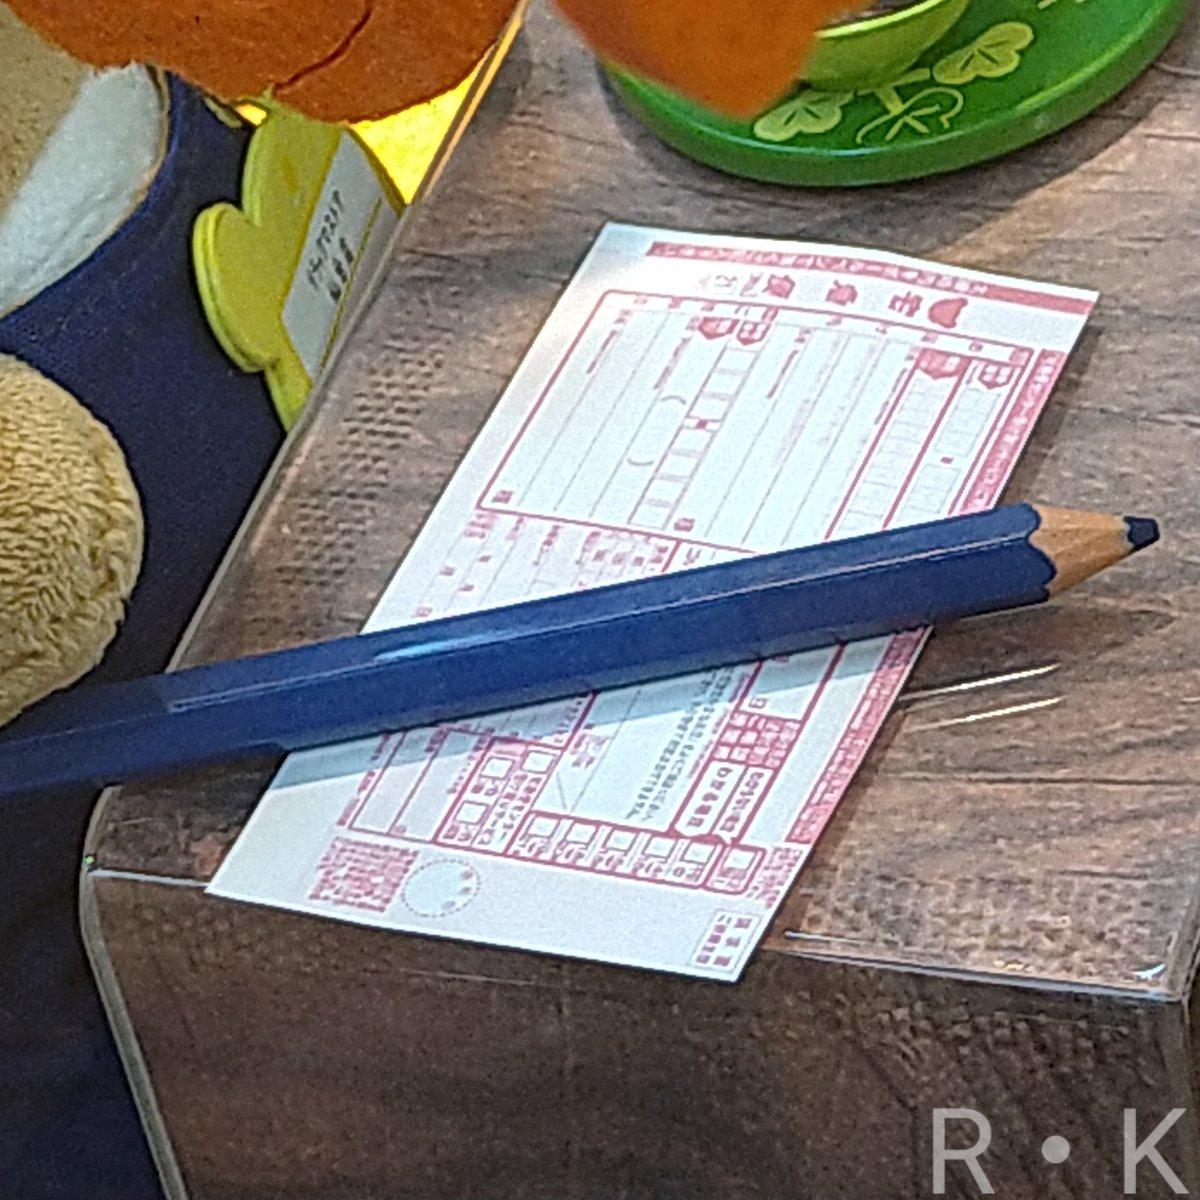 test ツイッターメディア - 美味しそうな、和菓子と緑茶ですね。☺️ 🍵  話は変わり、宅急便の伝票ということは何か送るのだろうか?🤔  っと思ってたら、手前のダンボールに目が行きました。😶 📦  ちょっとダンボールが空いているため、上から見ることが出来ました。🤭  その中身は、仙台名産『萩の月』ならぬ.... https://t.co/CNok2H6xx1